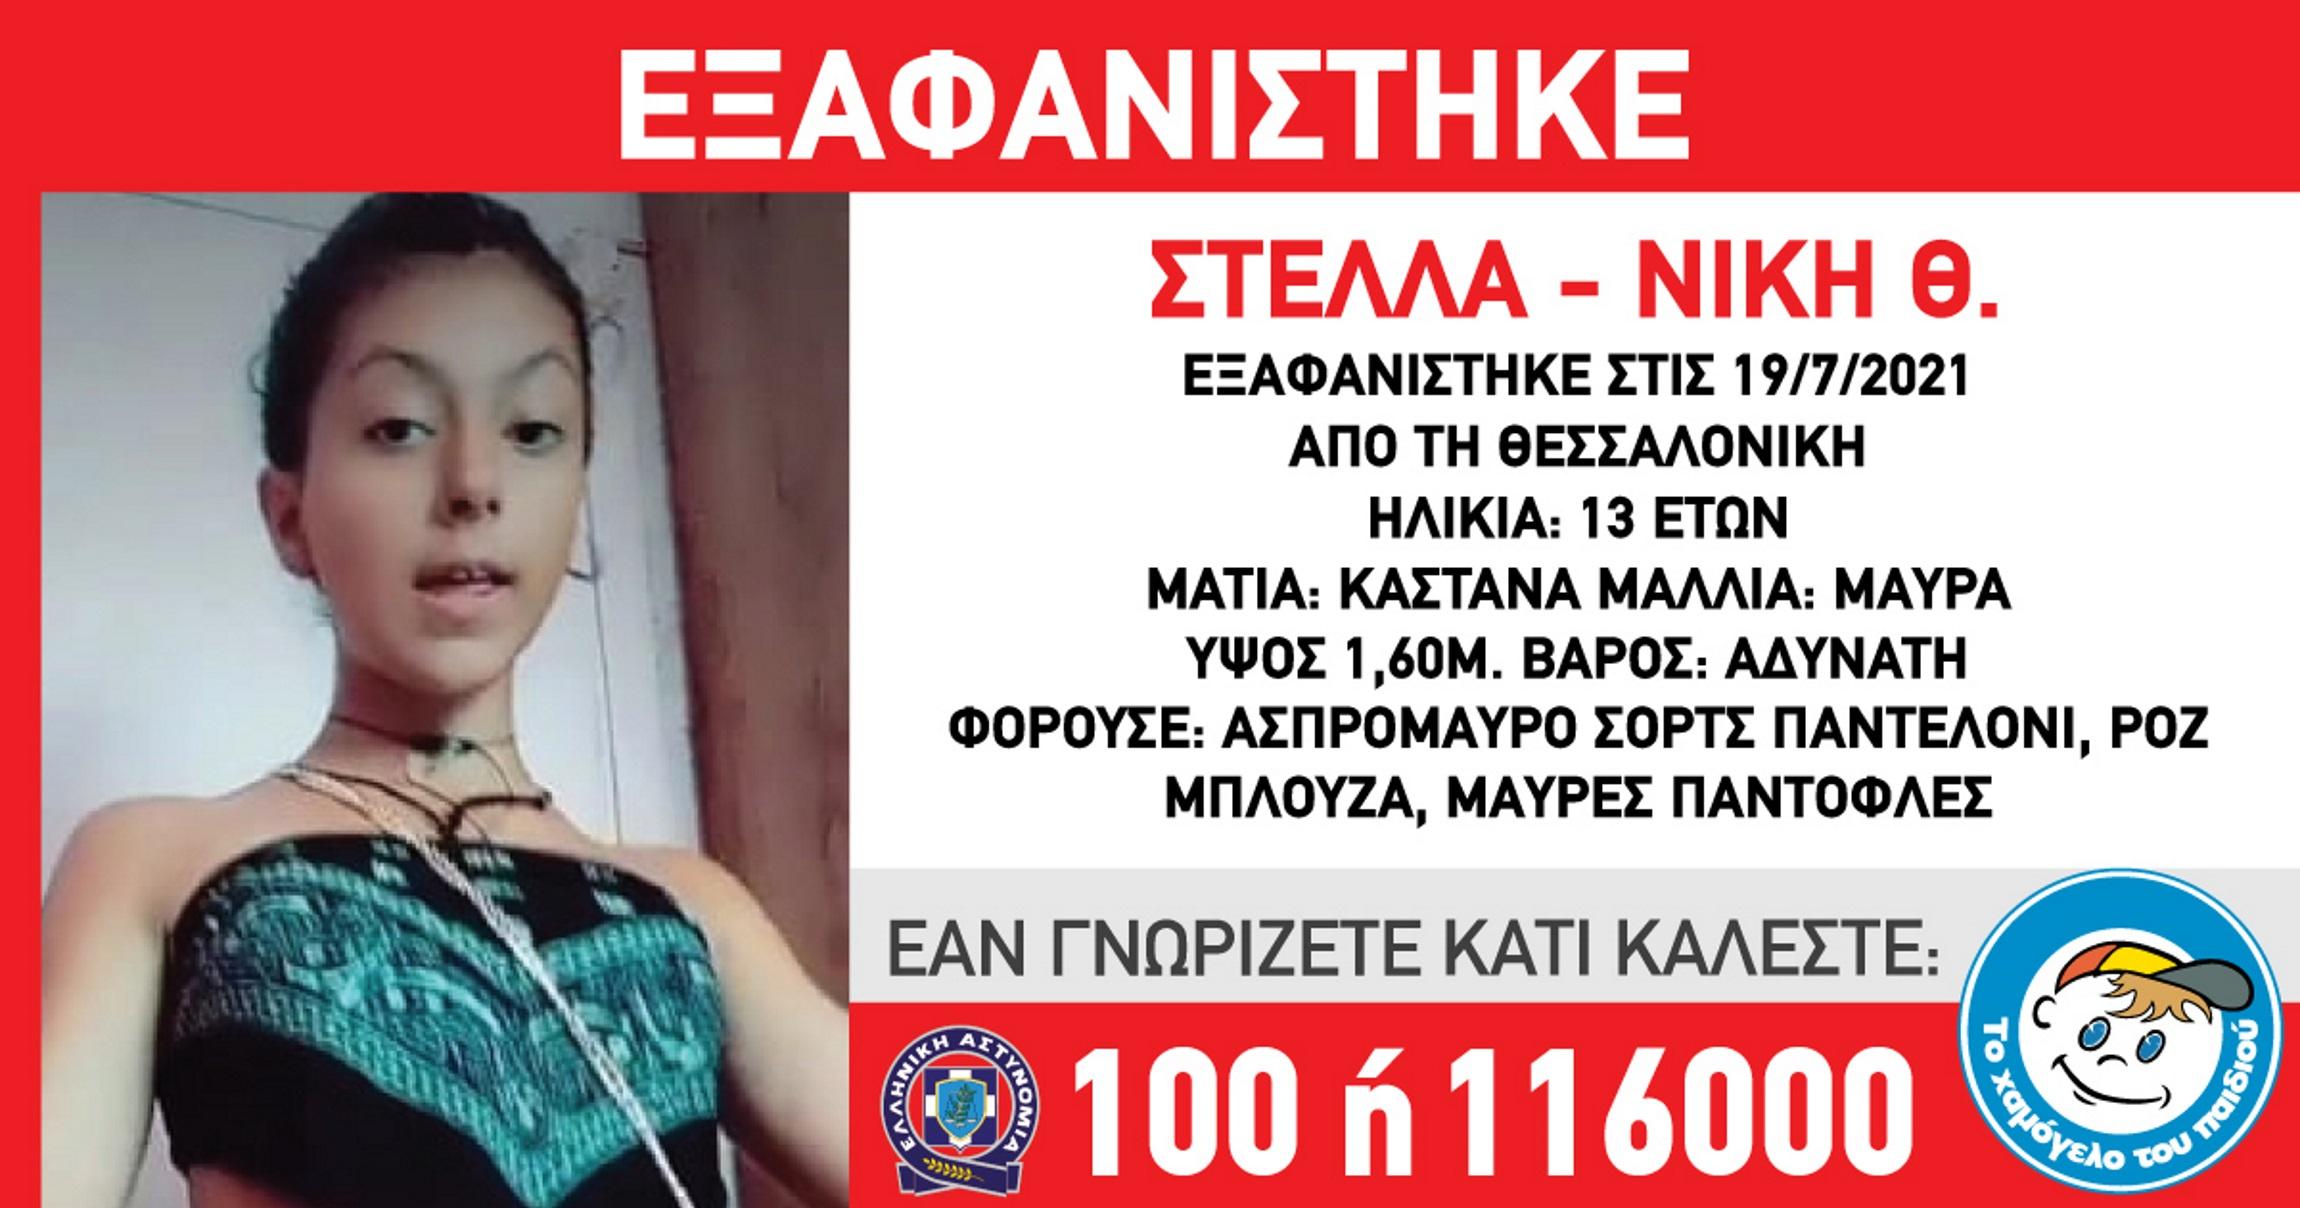 Εξαφάνιση 13χρονης από την Θεσσαλονίκη – Έκκληση του Χαμόγελου του Παιδιού για την Στέλλα – Νίκη